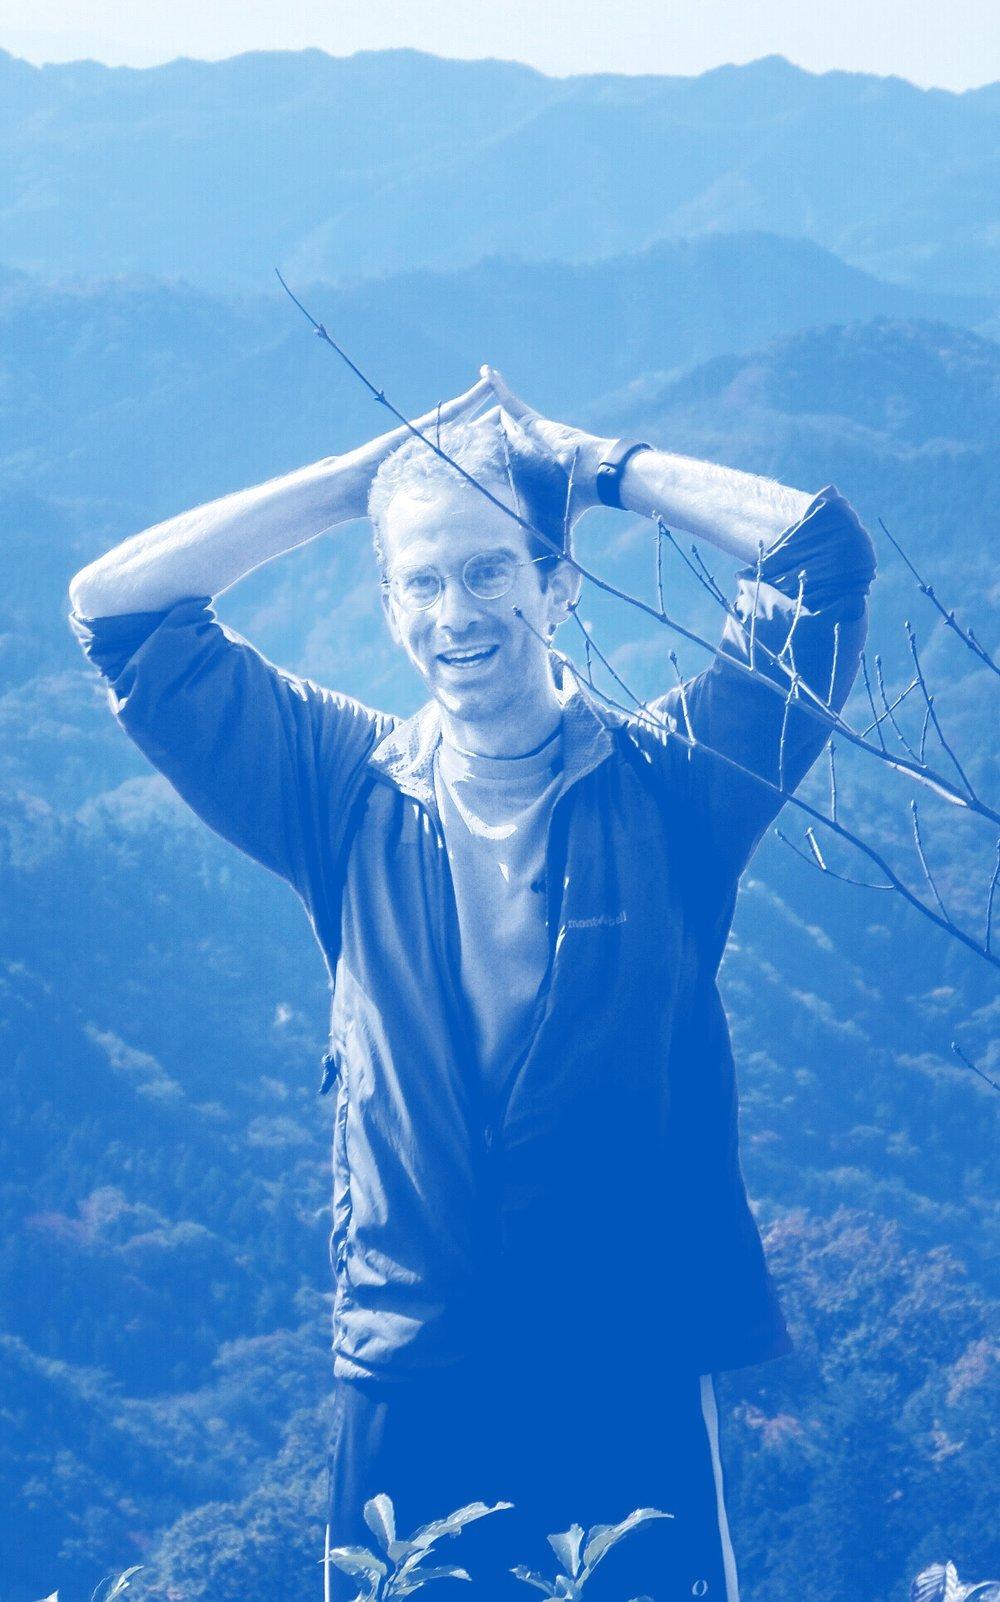 Jason Downey - CO-FOUNDERジェイソンは2007年にアメリカから日本に来ました。ピッツバーグ大学では文学を学びました。趣味はハイキングやカラオケ、ボランティアです。また日本語や中国語を勉強したり、リフレッシュするためのランニングも好きです。